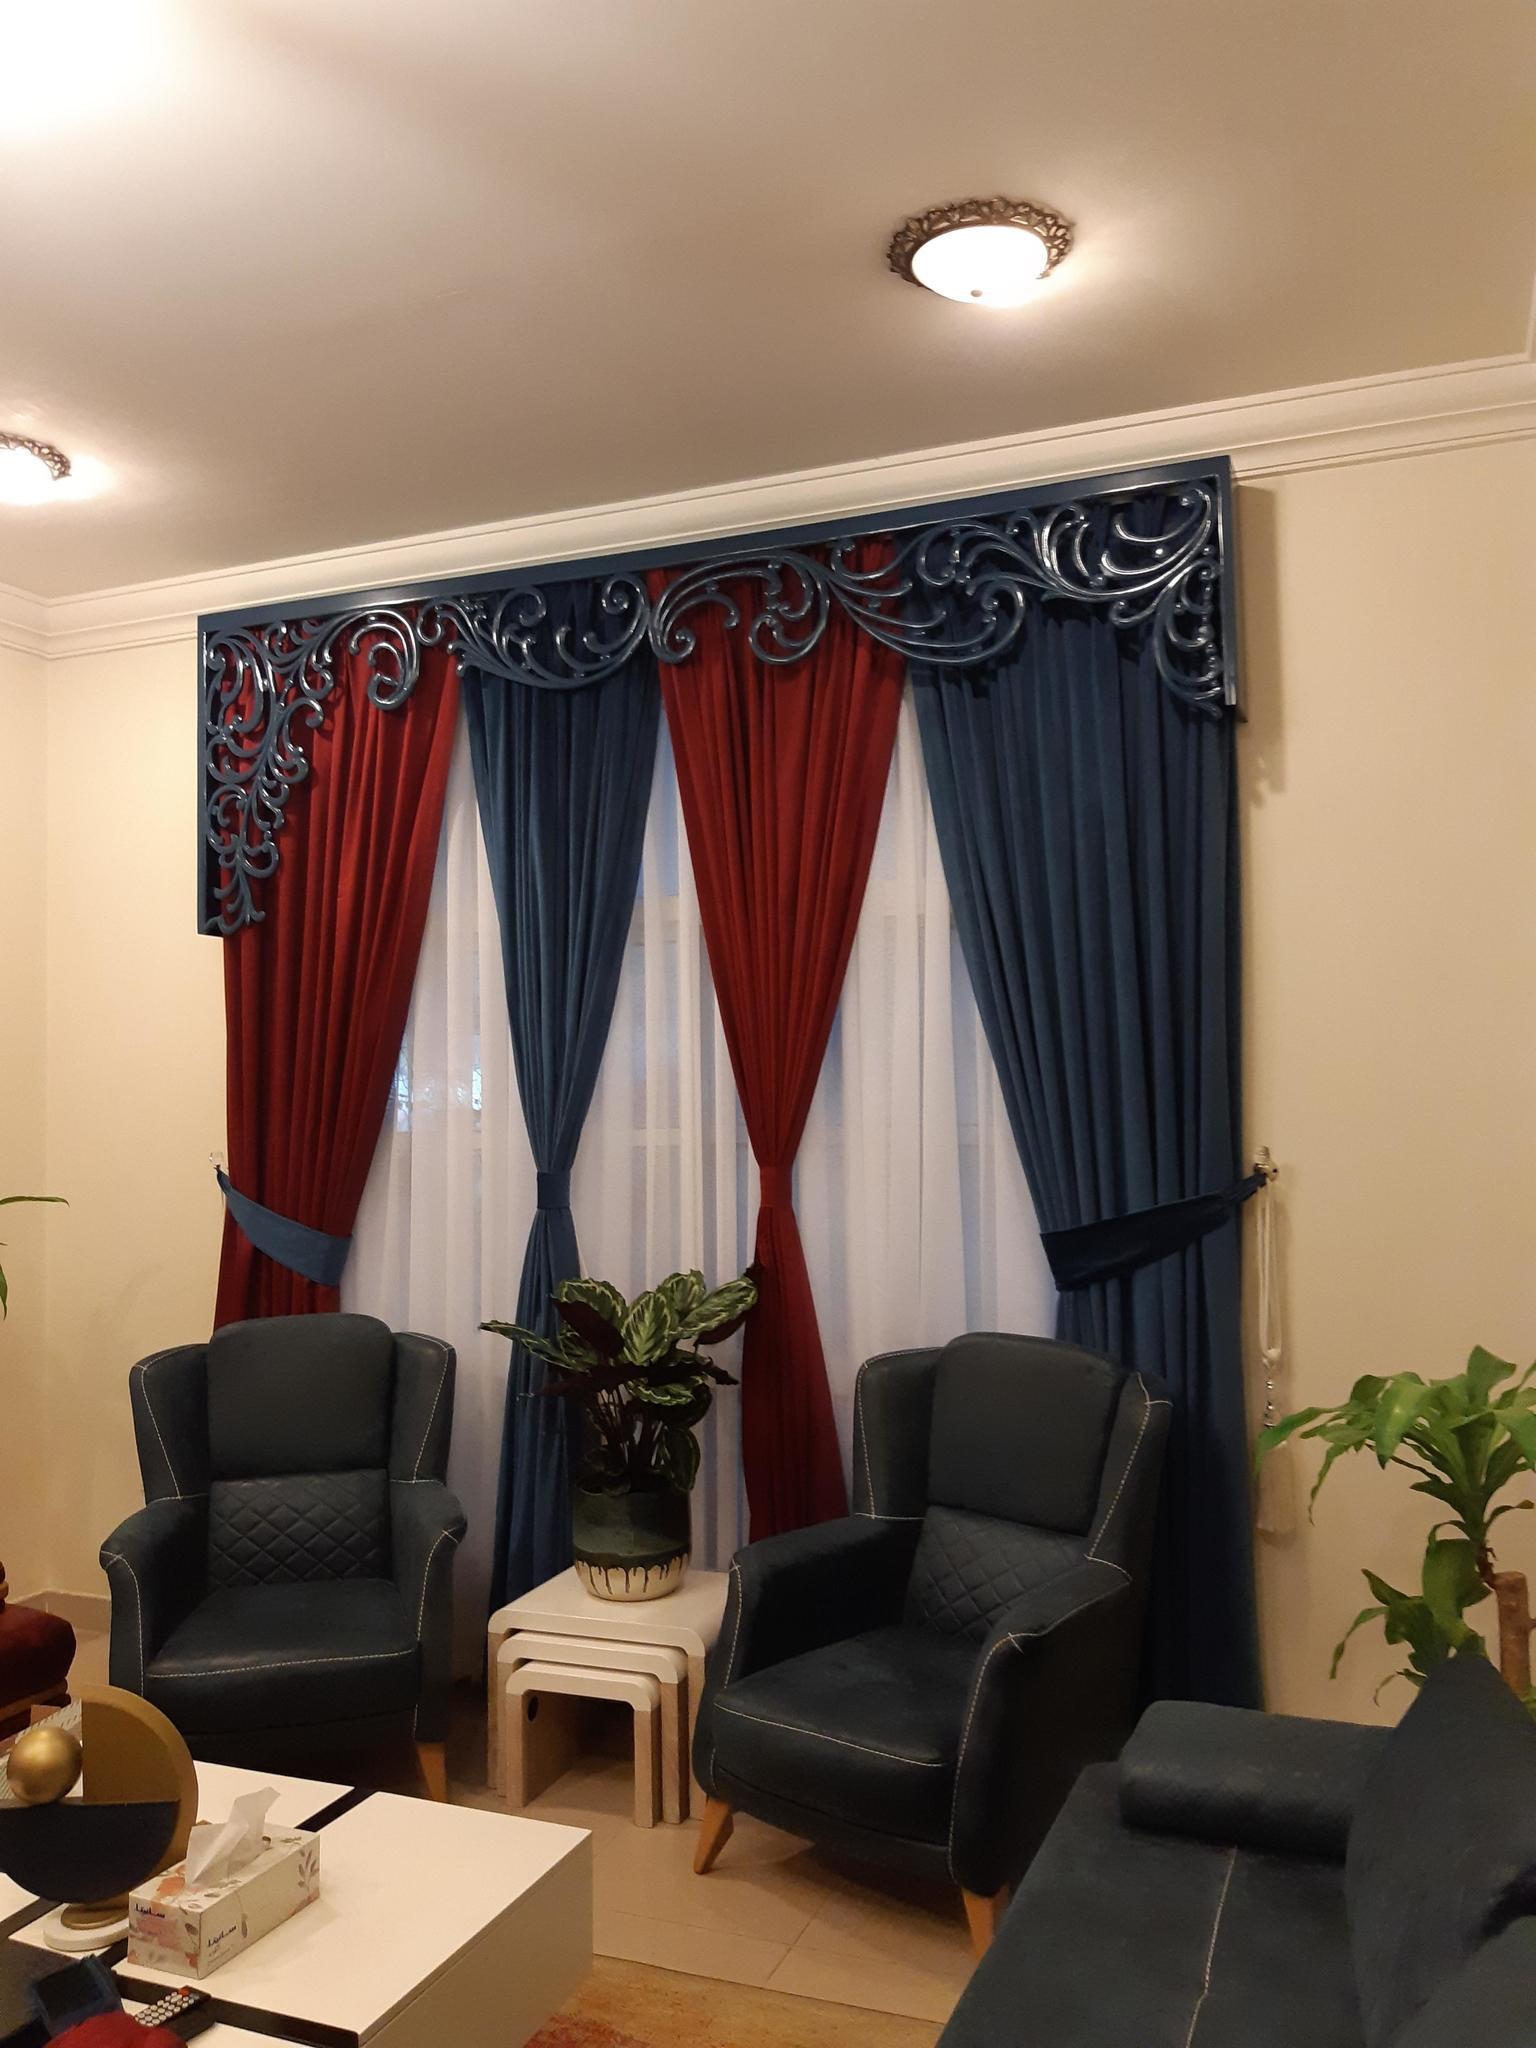 All Curtains,,Wallpaper ,P.V.C for floor,,Carpet E